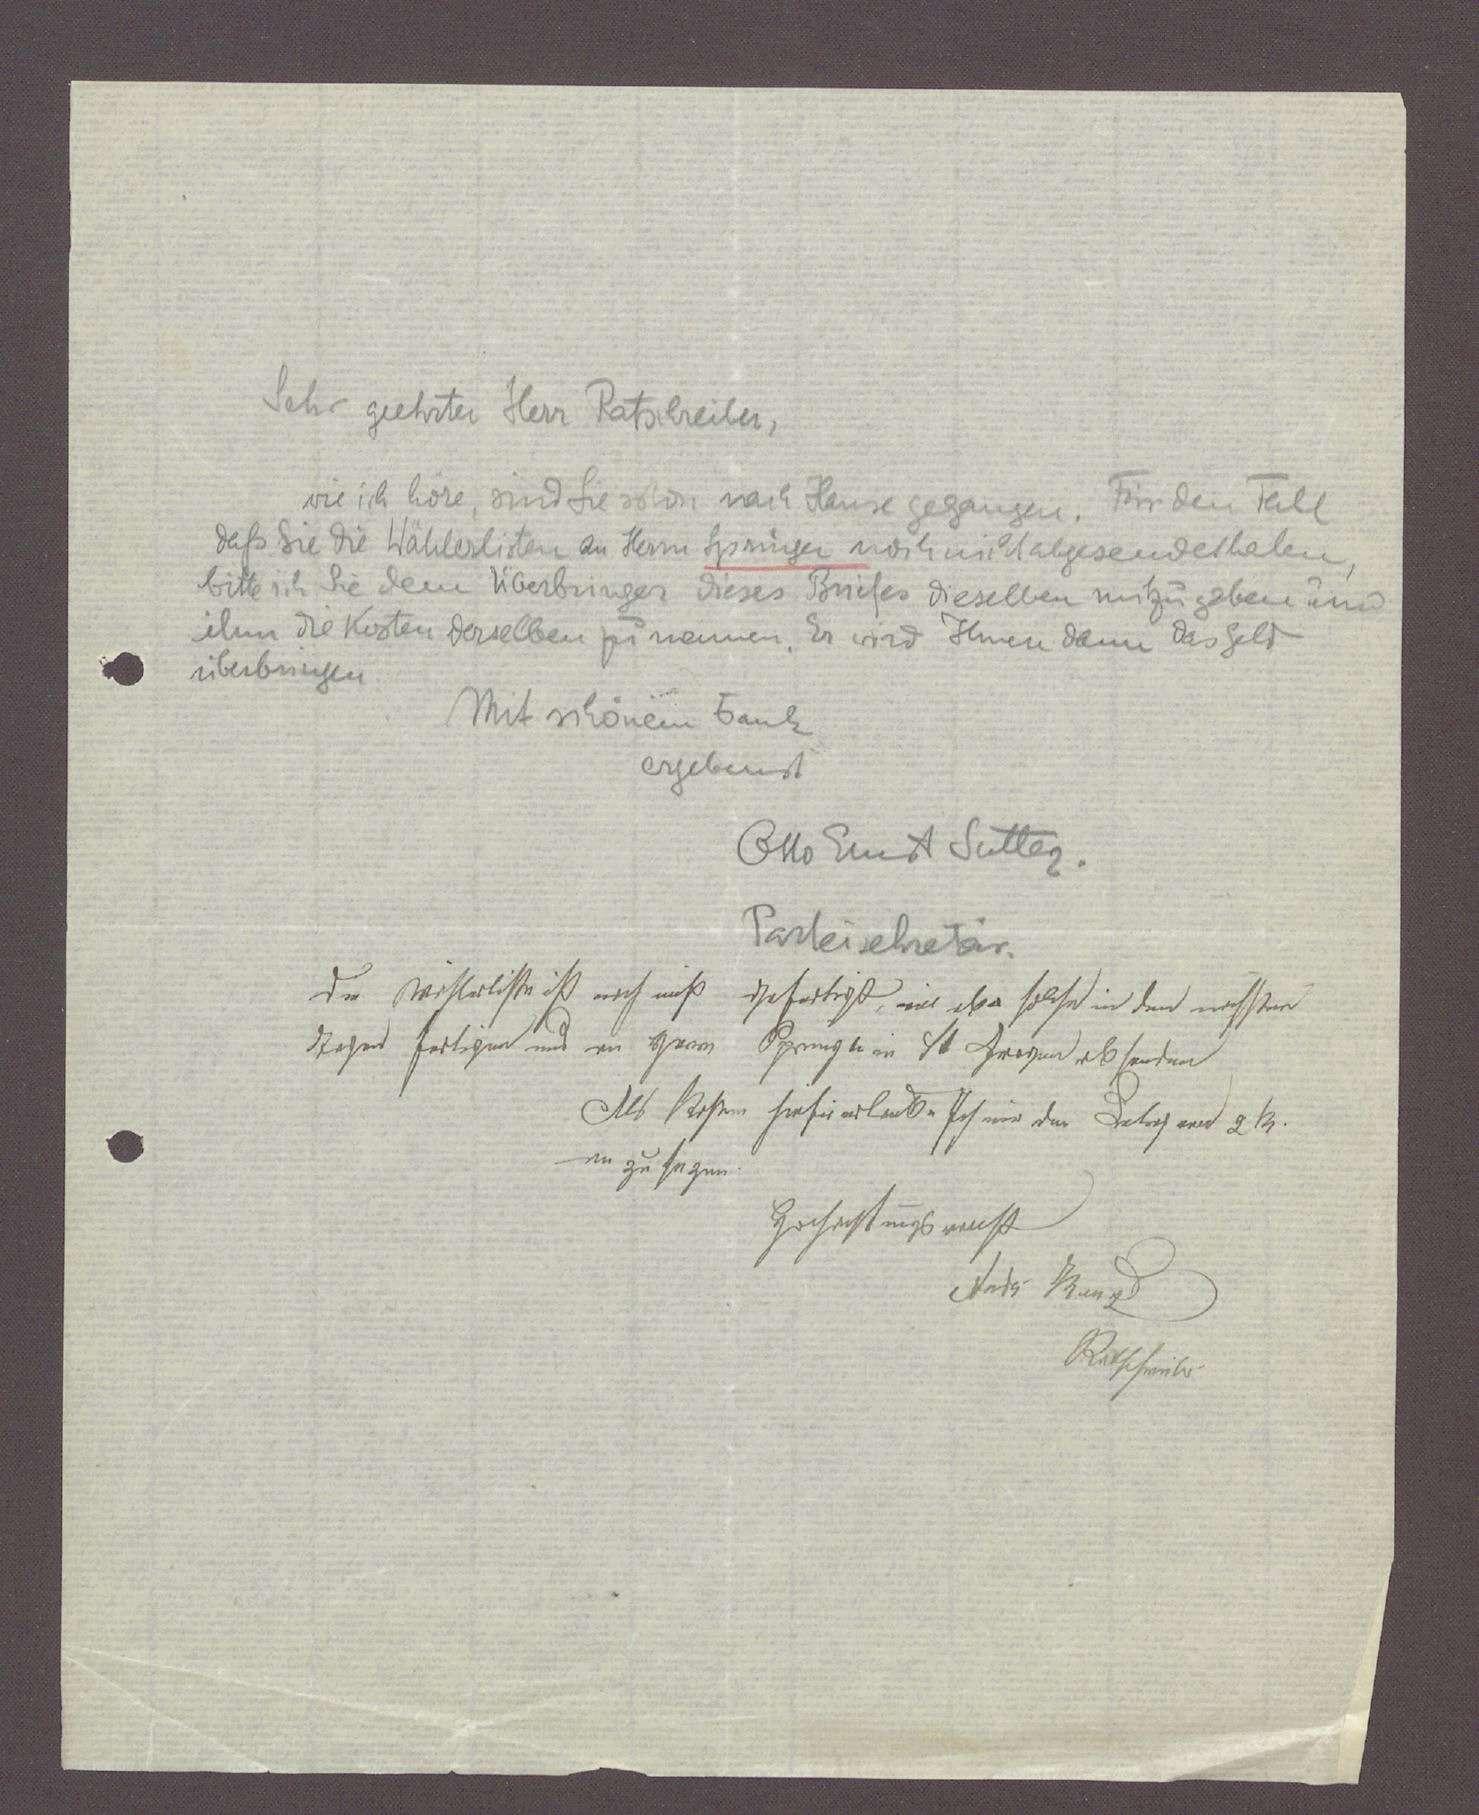 Schreiben von Otto Ernst Sutter, Parteisekretär der DVP, Karlsruhe, an einen Ratsschreiber: Übergabe der Wählerlisten, 1 Schreiben (Durchschlag), Bild 1